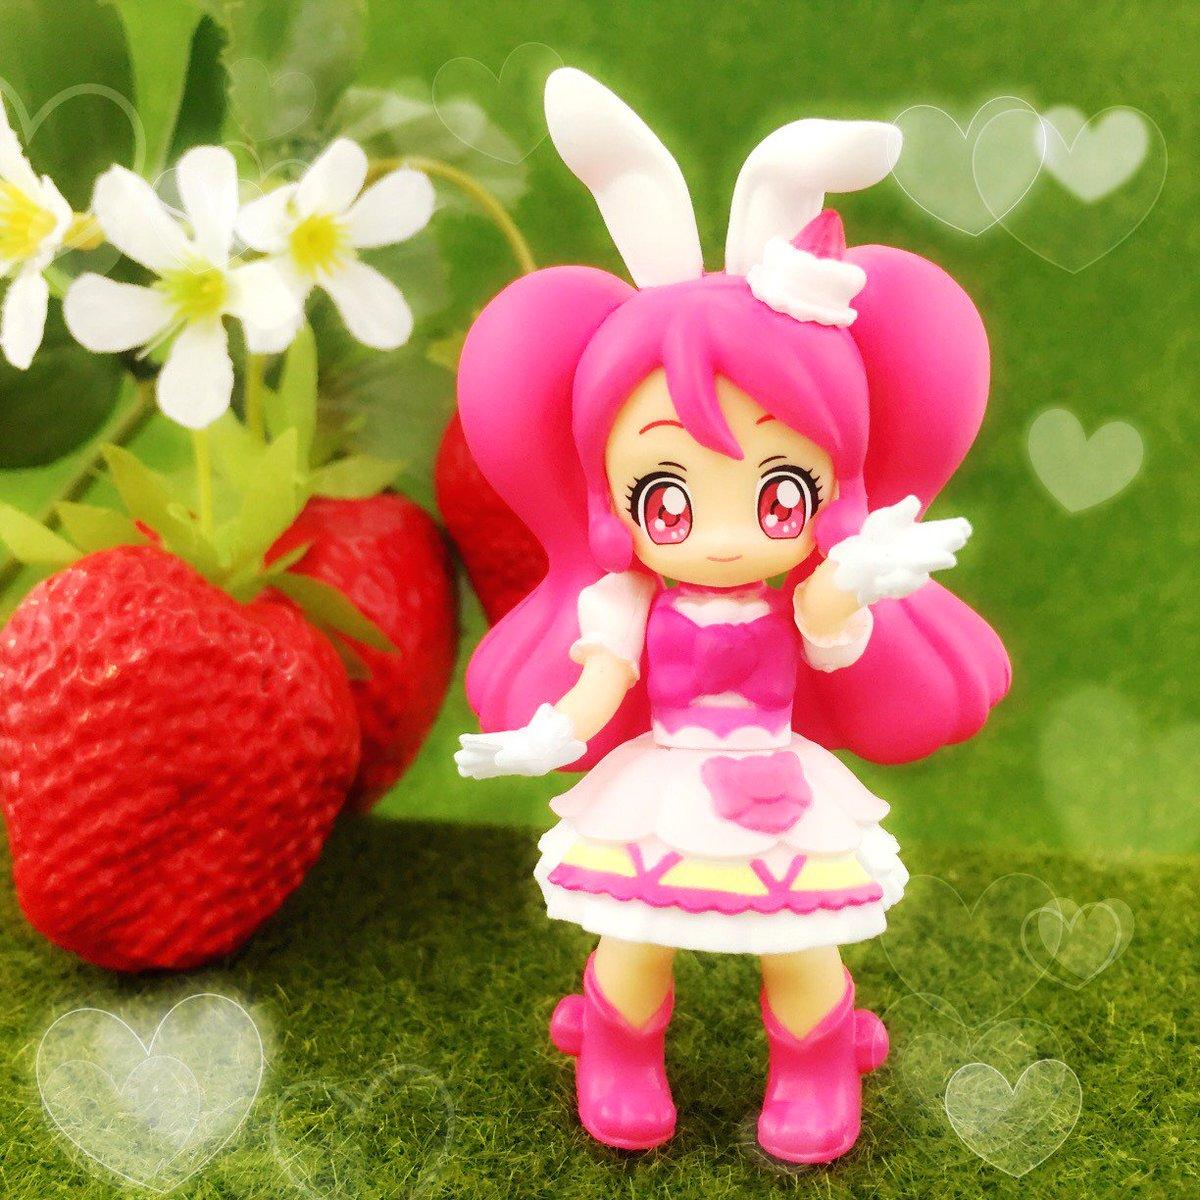 """大好評発売中プリキュアのデフォルメドール""""ぷりきゅ~と""""、昨日に続いて写真をご紹介♡お花やいちごなど小物と一緒にポーズを"""